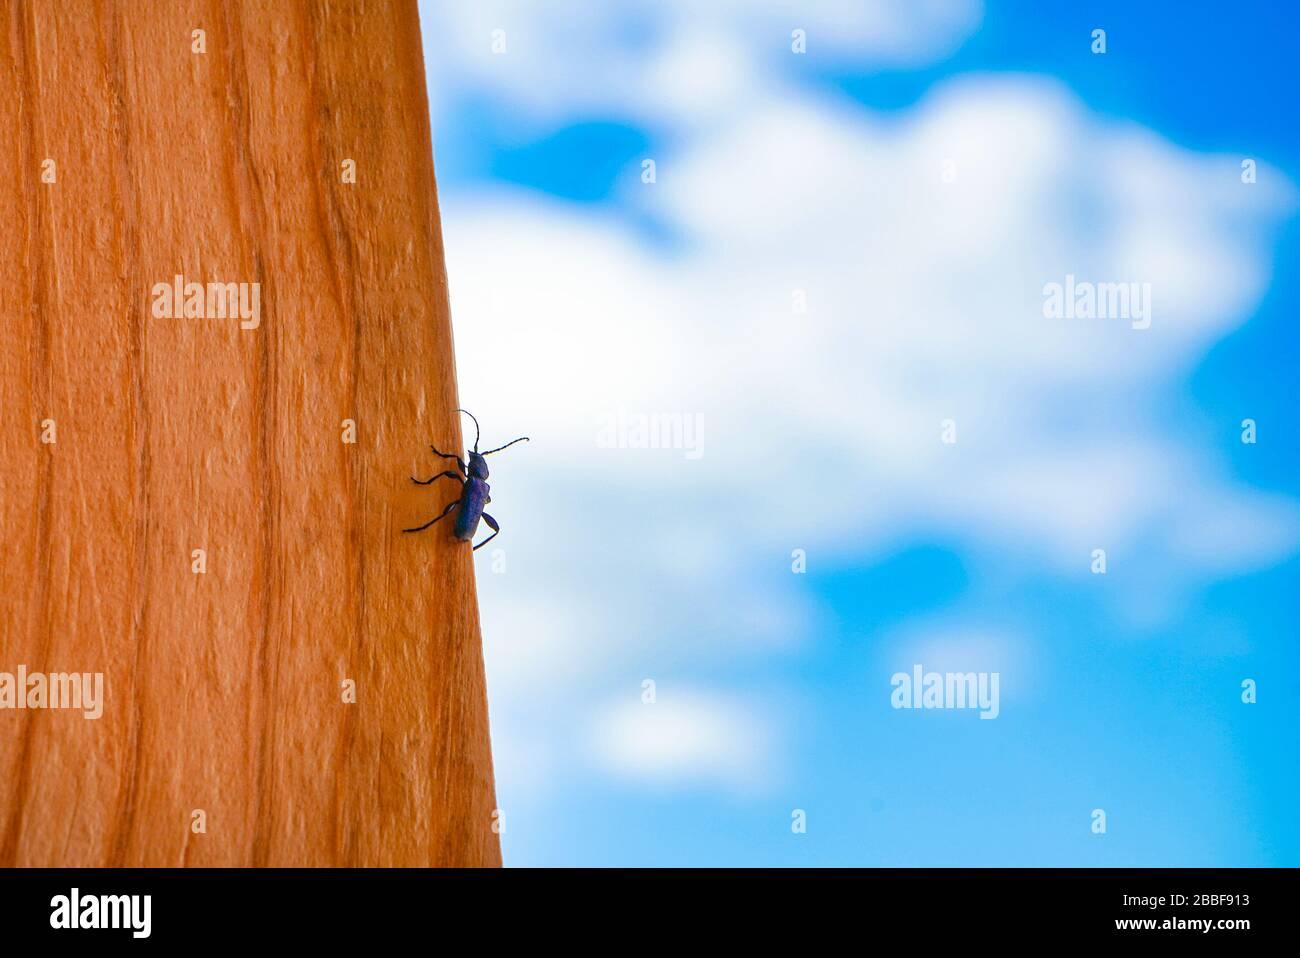 Dendroctone sur un panneau de bois contre le ciel Banque D'Images